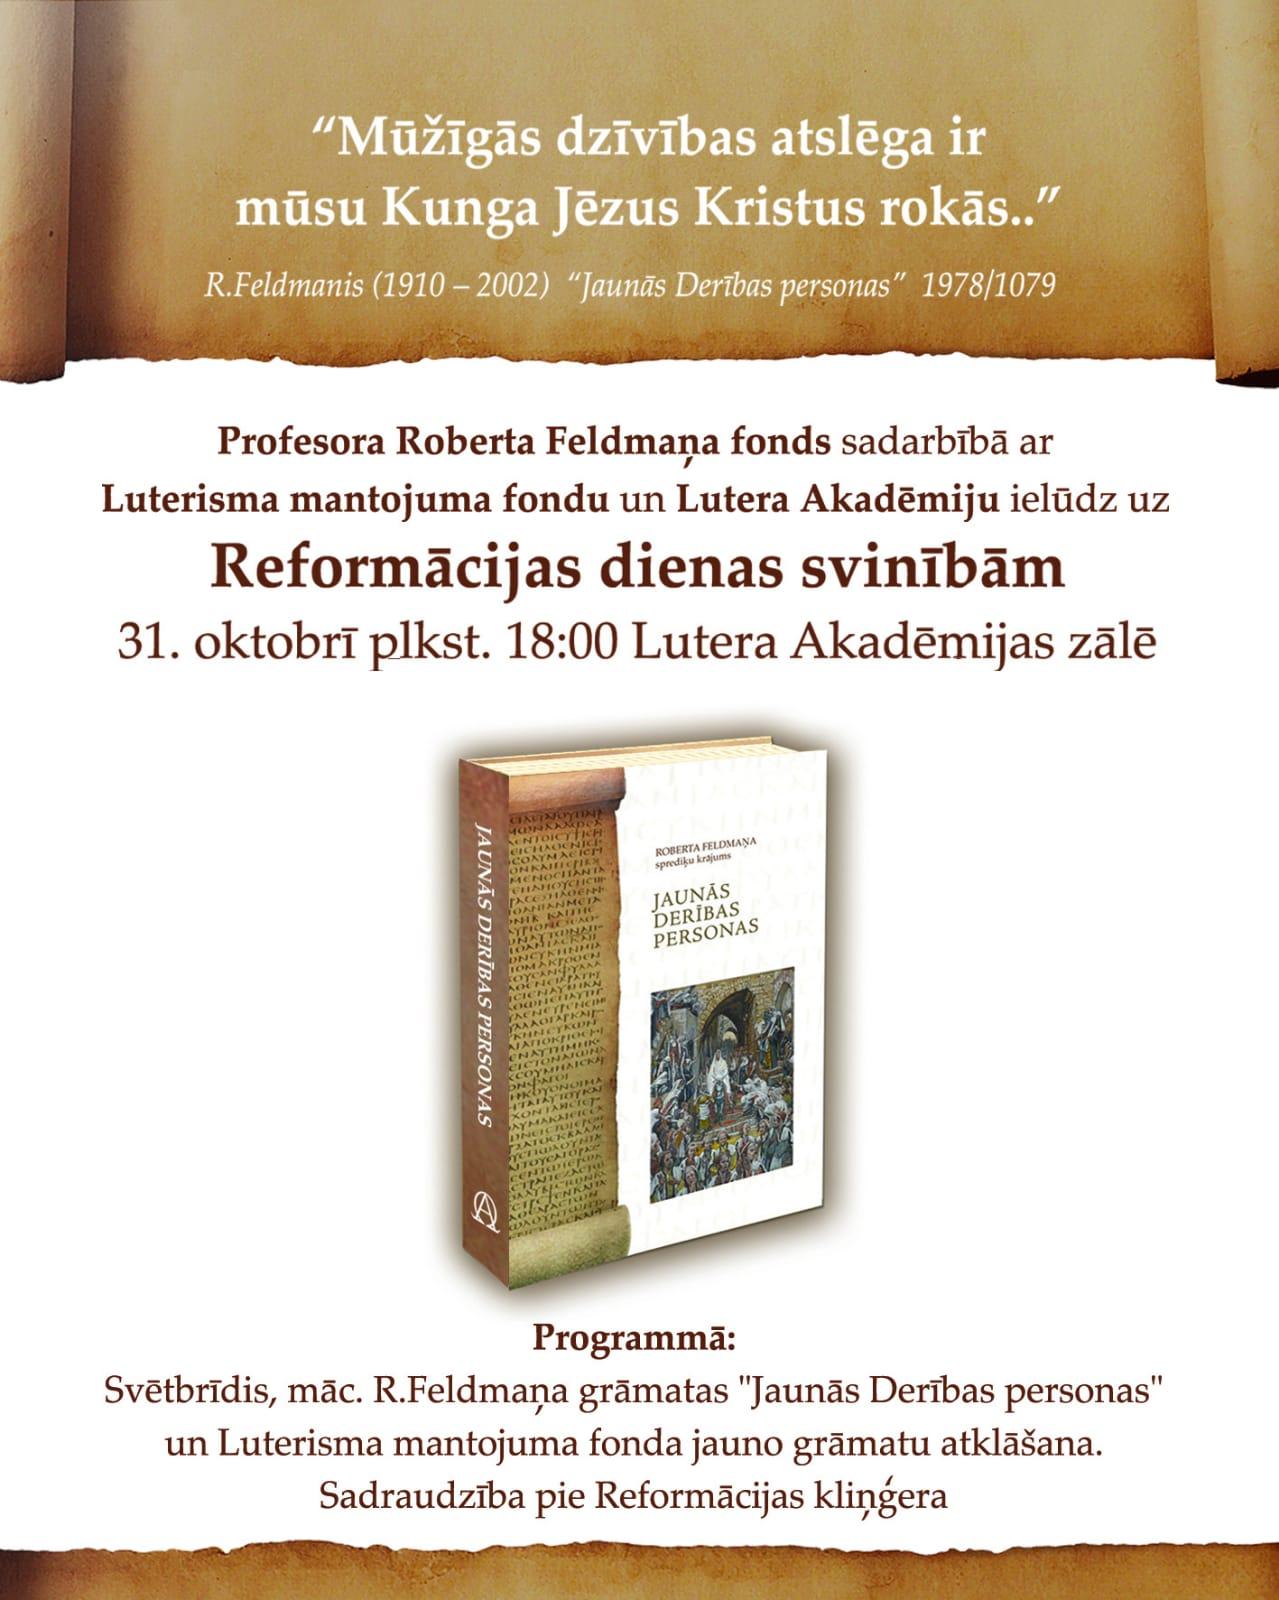 Reformācijas dienas svinības 31. oktobrī Lutera Akadēmijā